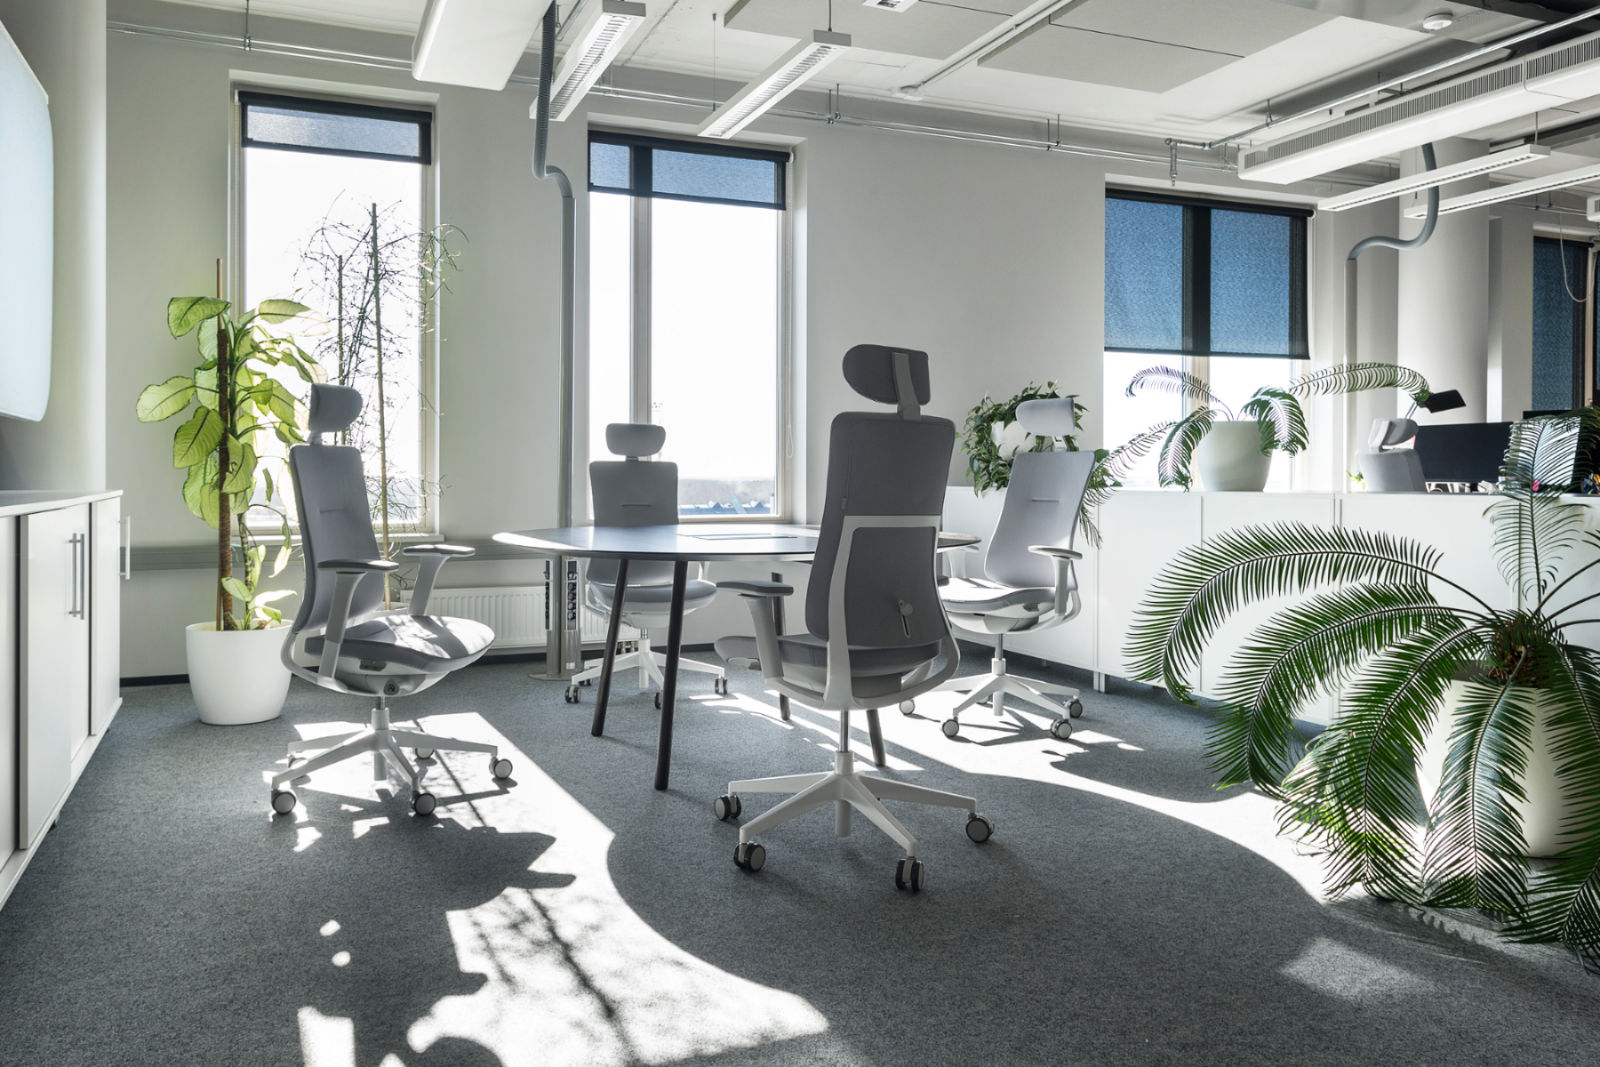 Ergonoomilised töötoolid tõstavad töö efektiivsust (foto: Tool & Tool)